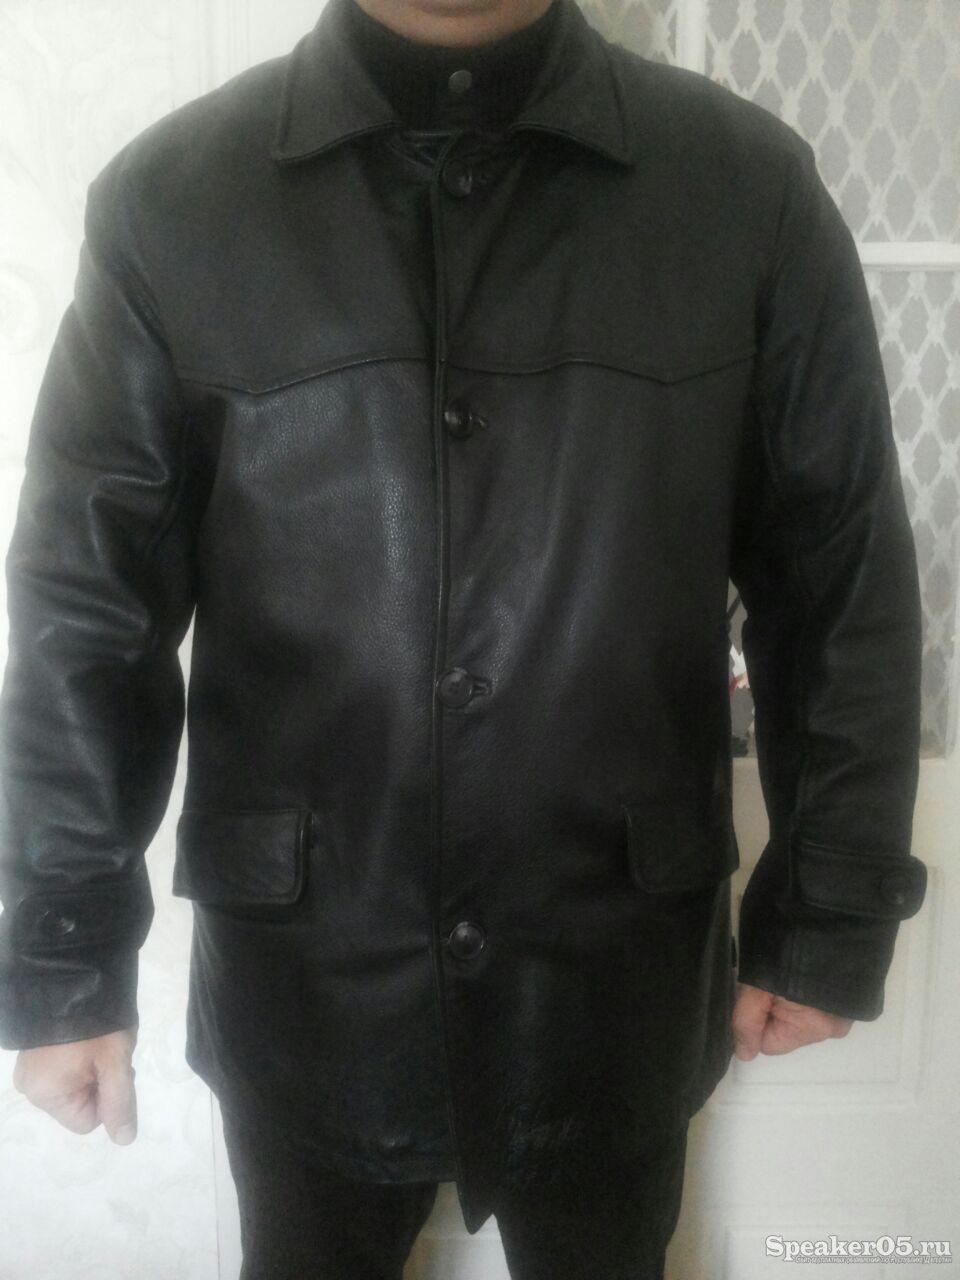 Кожаная утепленная куртка 6900 руб. 17.02.2015 | Махачкала | Продажа - Бытовые товары/Одежда, обувь, текстиль